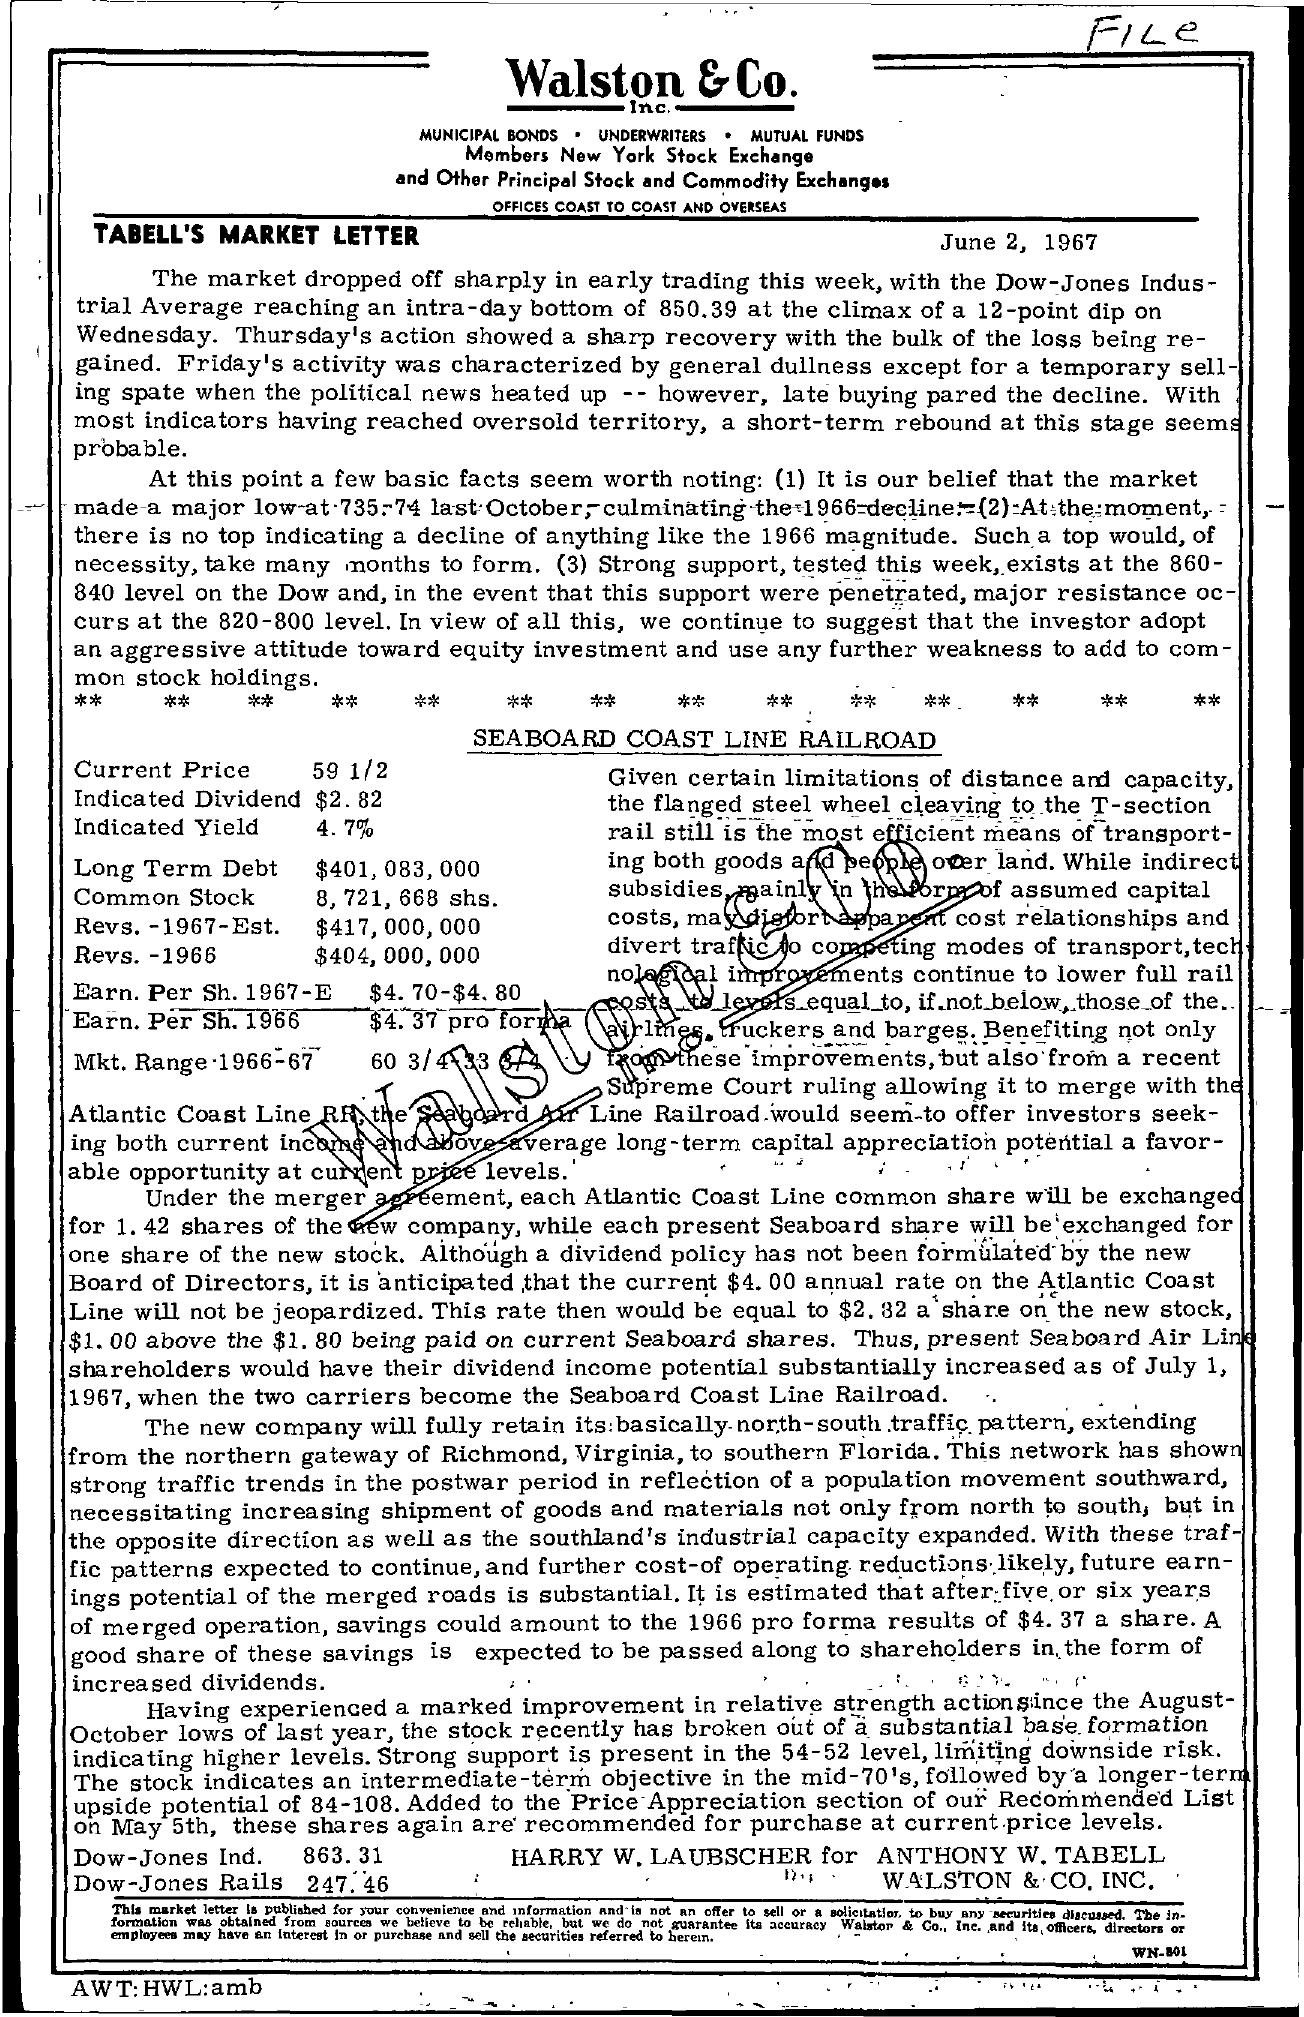 Tabell's Market Letter - June 02, 1967